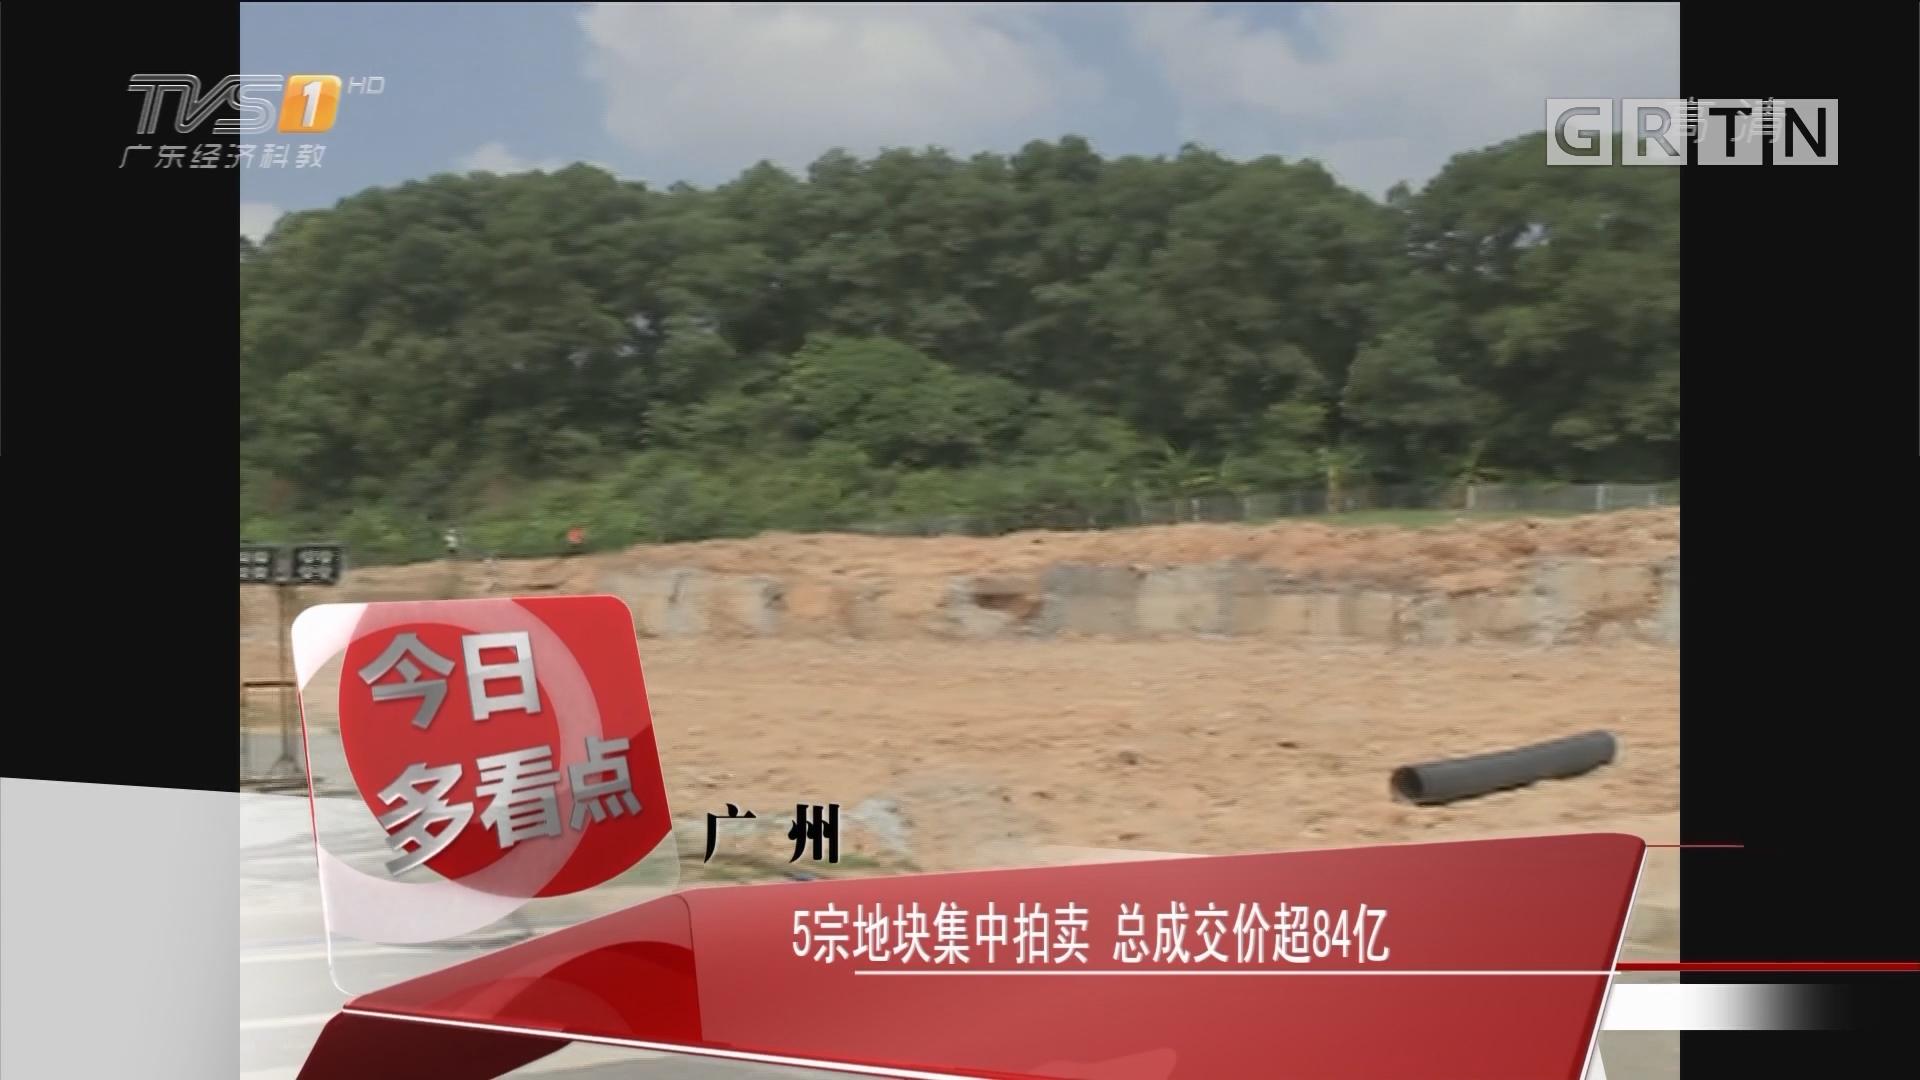 广州:5宗地集中拍卖 总成交价超84亿